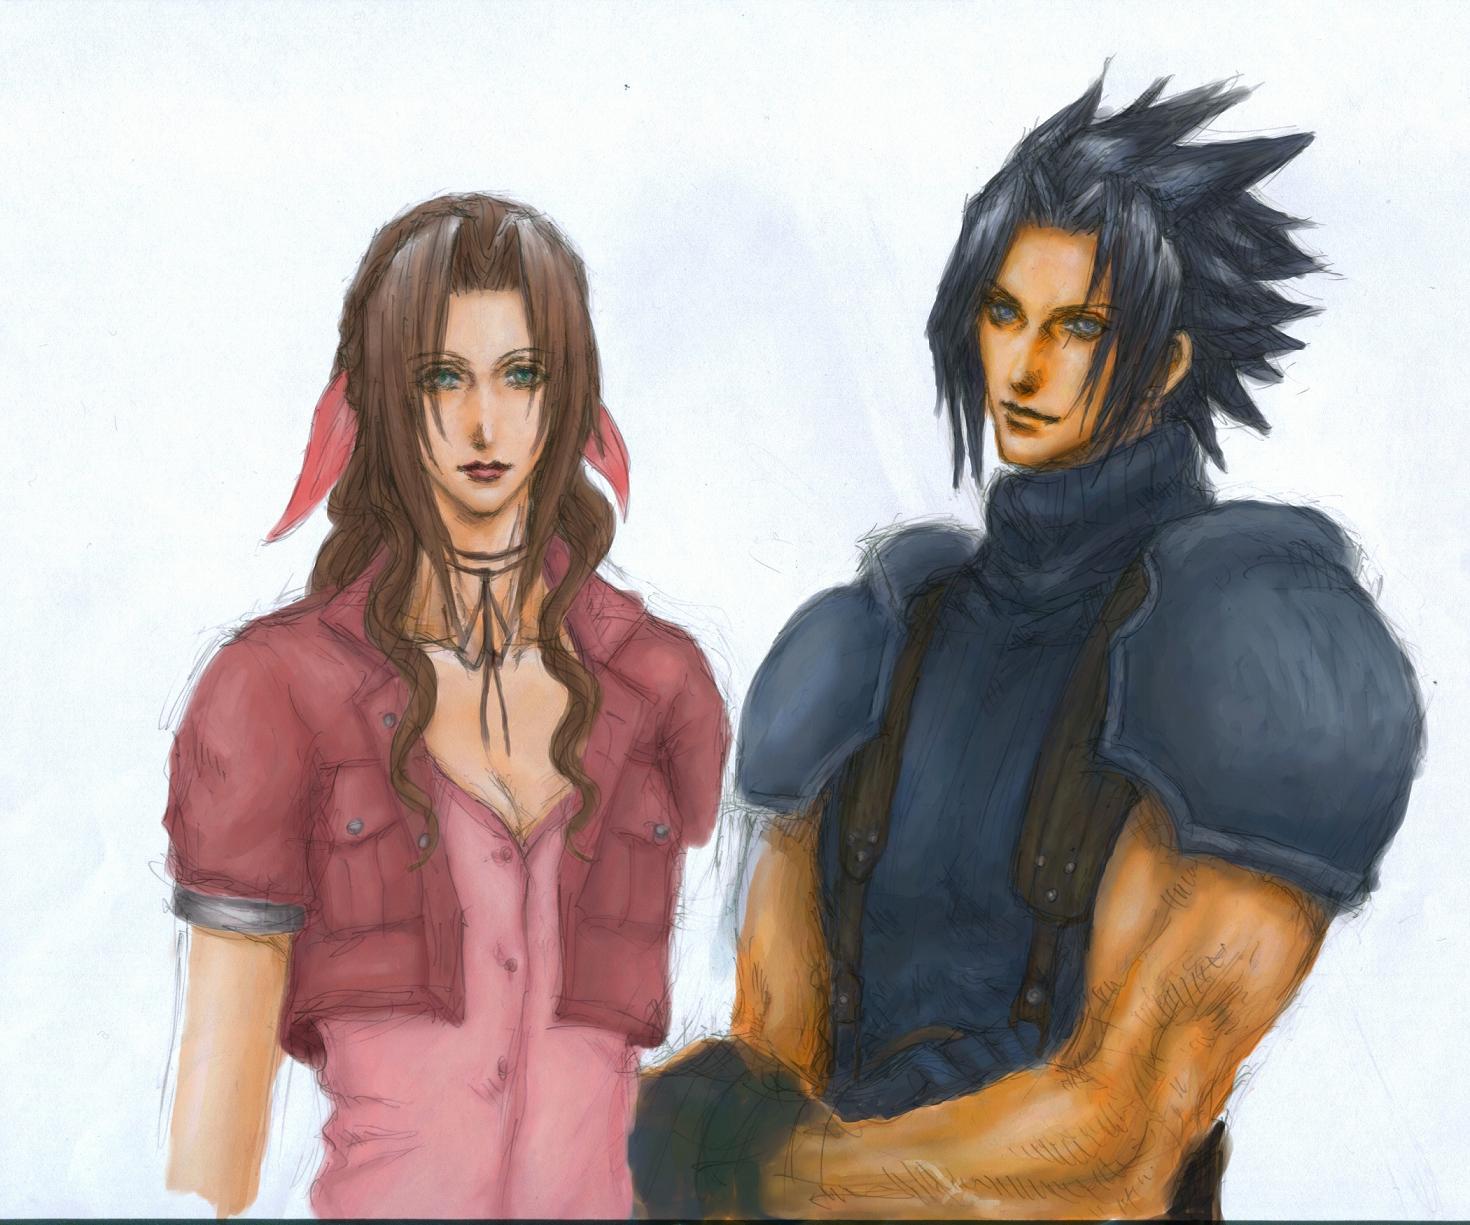 Aeris & Zack by ringo0210